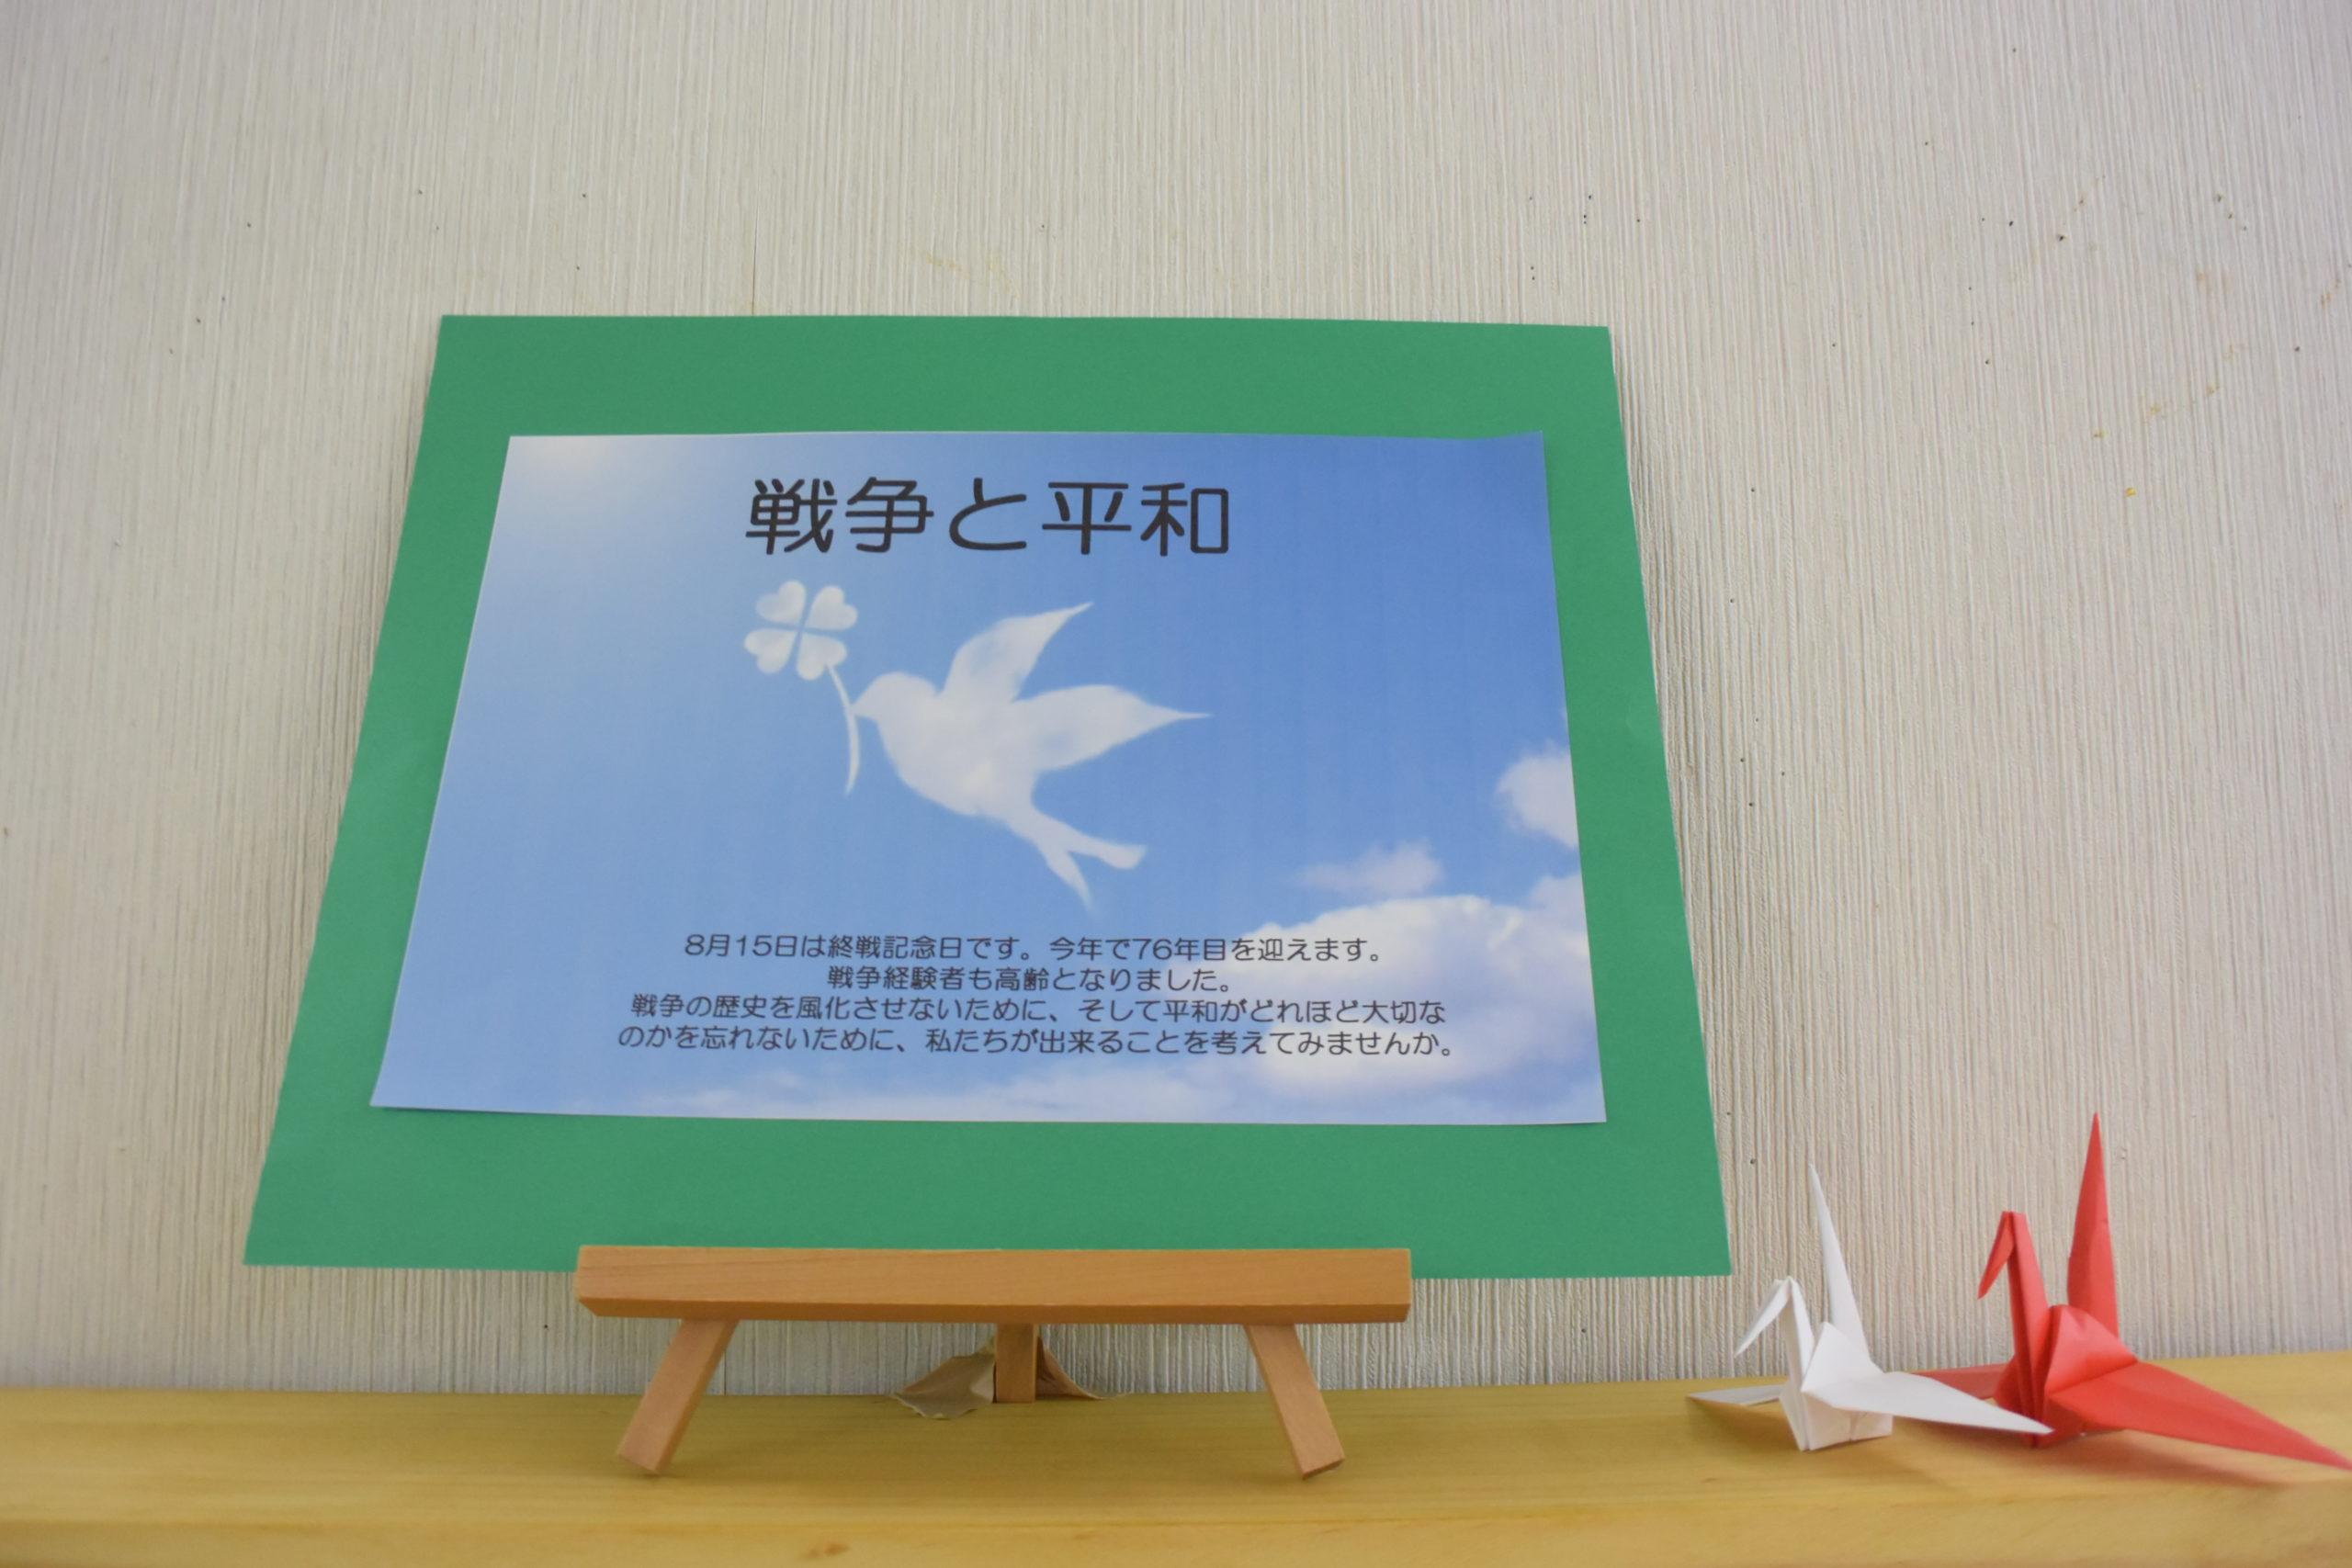 企画展示「戦争と平和」